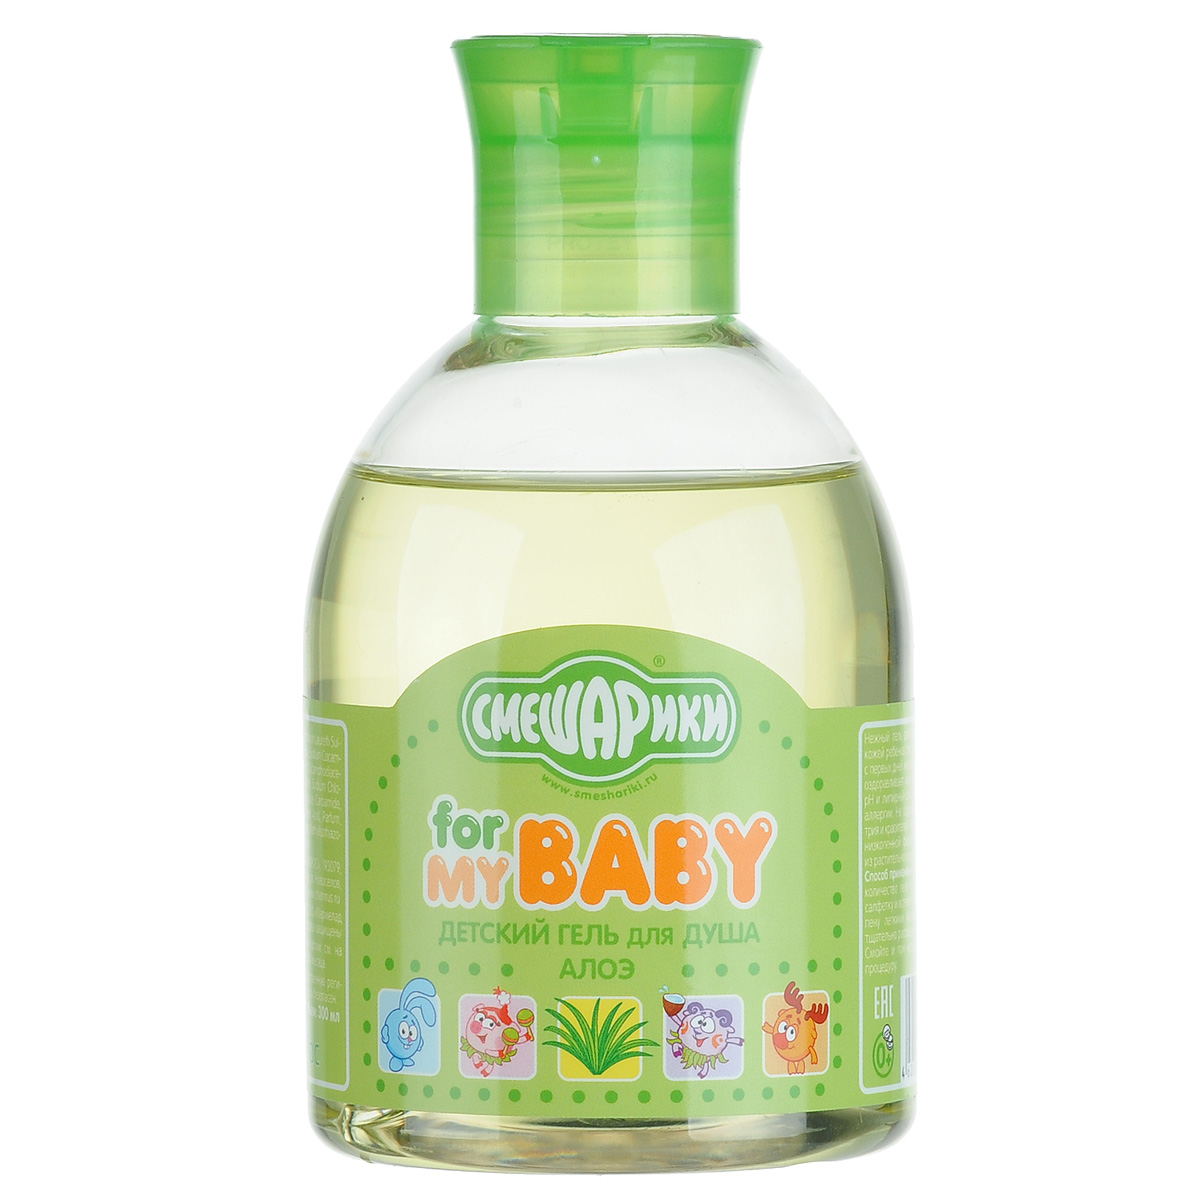 Смешарики Детский гель для душа For my Baby, с экстрактом алоэ, 300 млFS-00897Детский гель для душа Смешарики For my Baby подходит для купания малышей с рождения. Гель прекрасно пенится в воде любой жесткости, полностью смывается. Оставляет нежную кожу малыша чистой и не пересушенной благодаря сбалансированному составу, сохраняющему естественный водно-жировой баланс кожи. Сок алоэ помогает быстро снять раздражение и покраснение кожного покрова. Пышная пена придает коже мягкость и шелковистость.Принципиальное отличие геля для душа в использовании моющих веществ натурального происхождения, которые не наносят раздражающего действия на детскую кожу и оказывают мягкое моющее действие. Средство не содержит красителей, не вызывает аллергии.Товар сертифицирован и дерматологически безопасен.